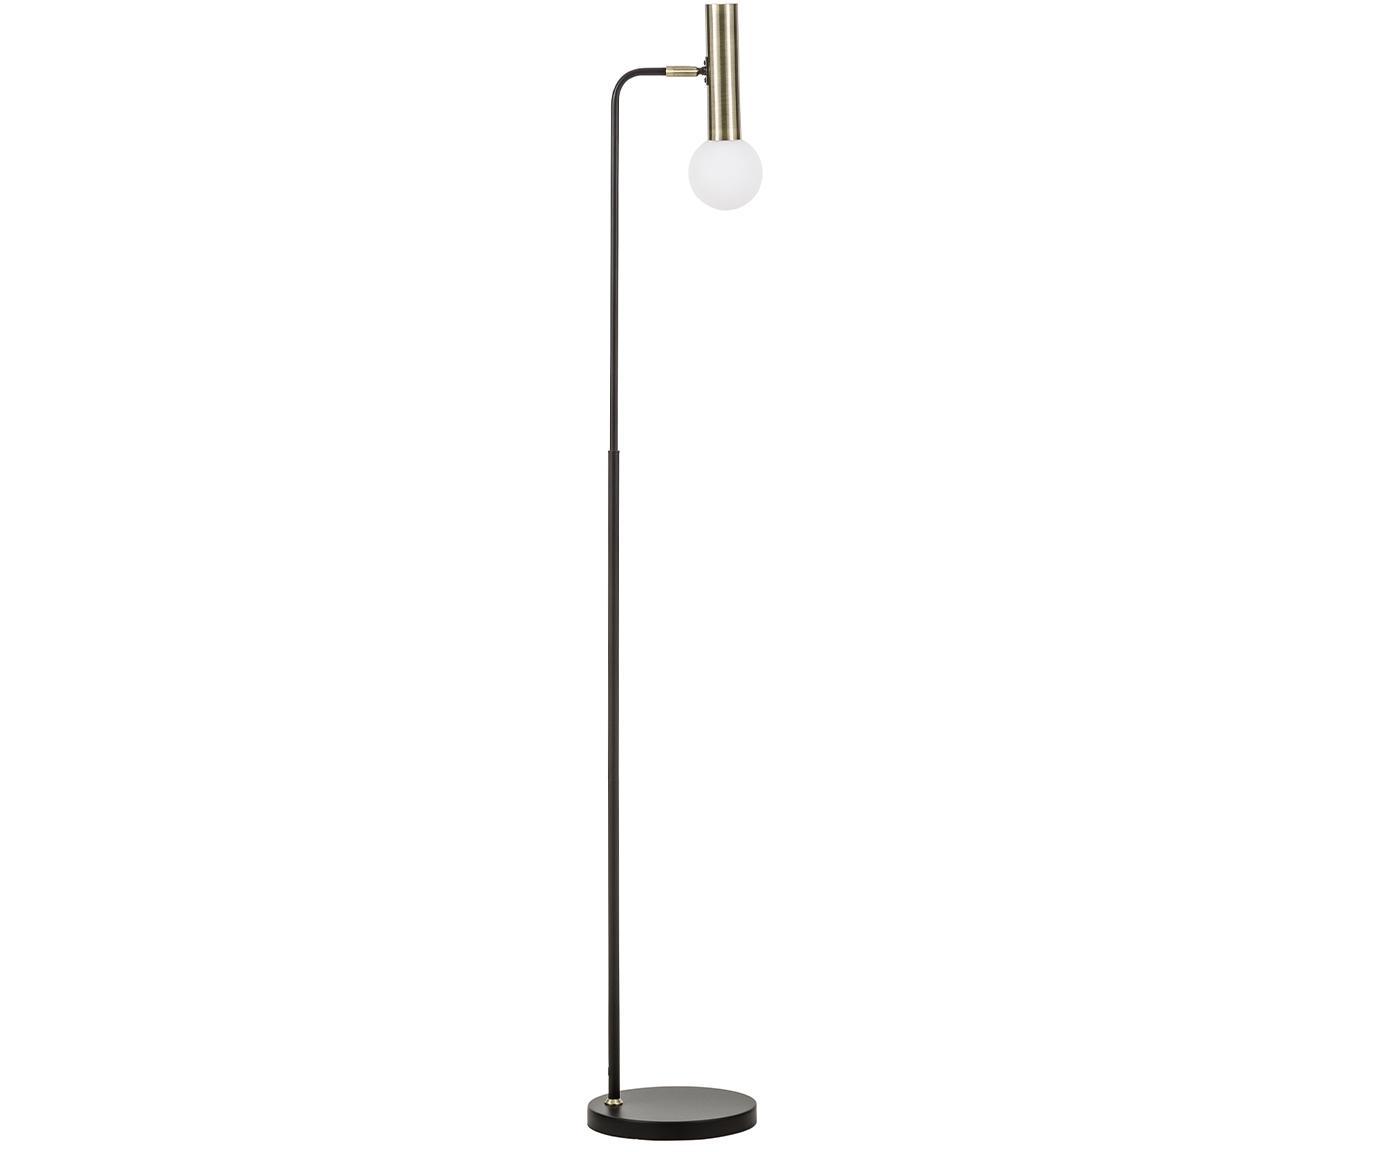 Lampa podłogowa Wilson, Czarny, Ø 23 x W 153 cm